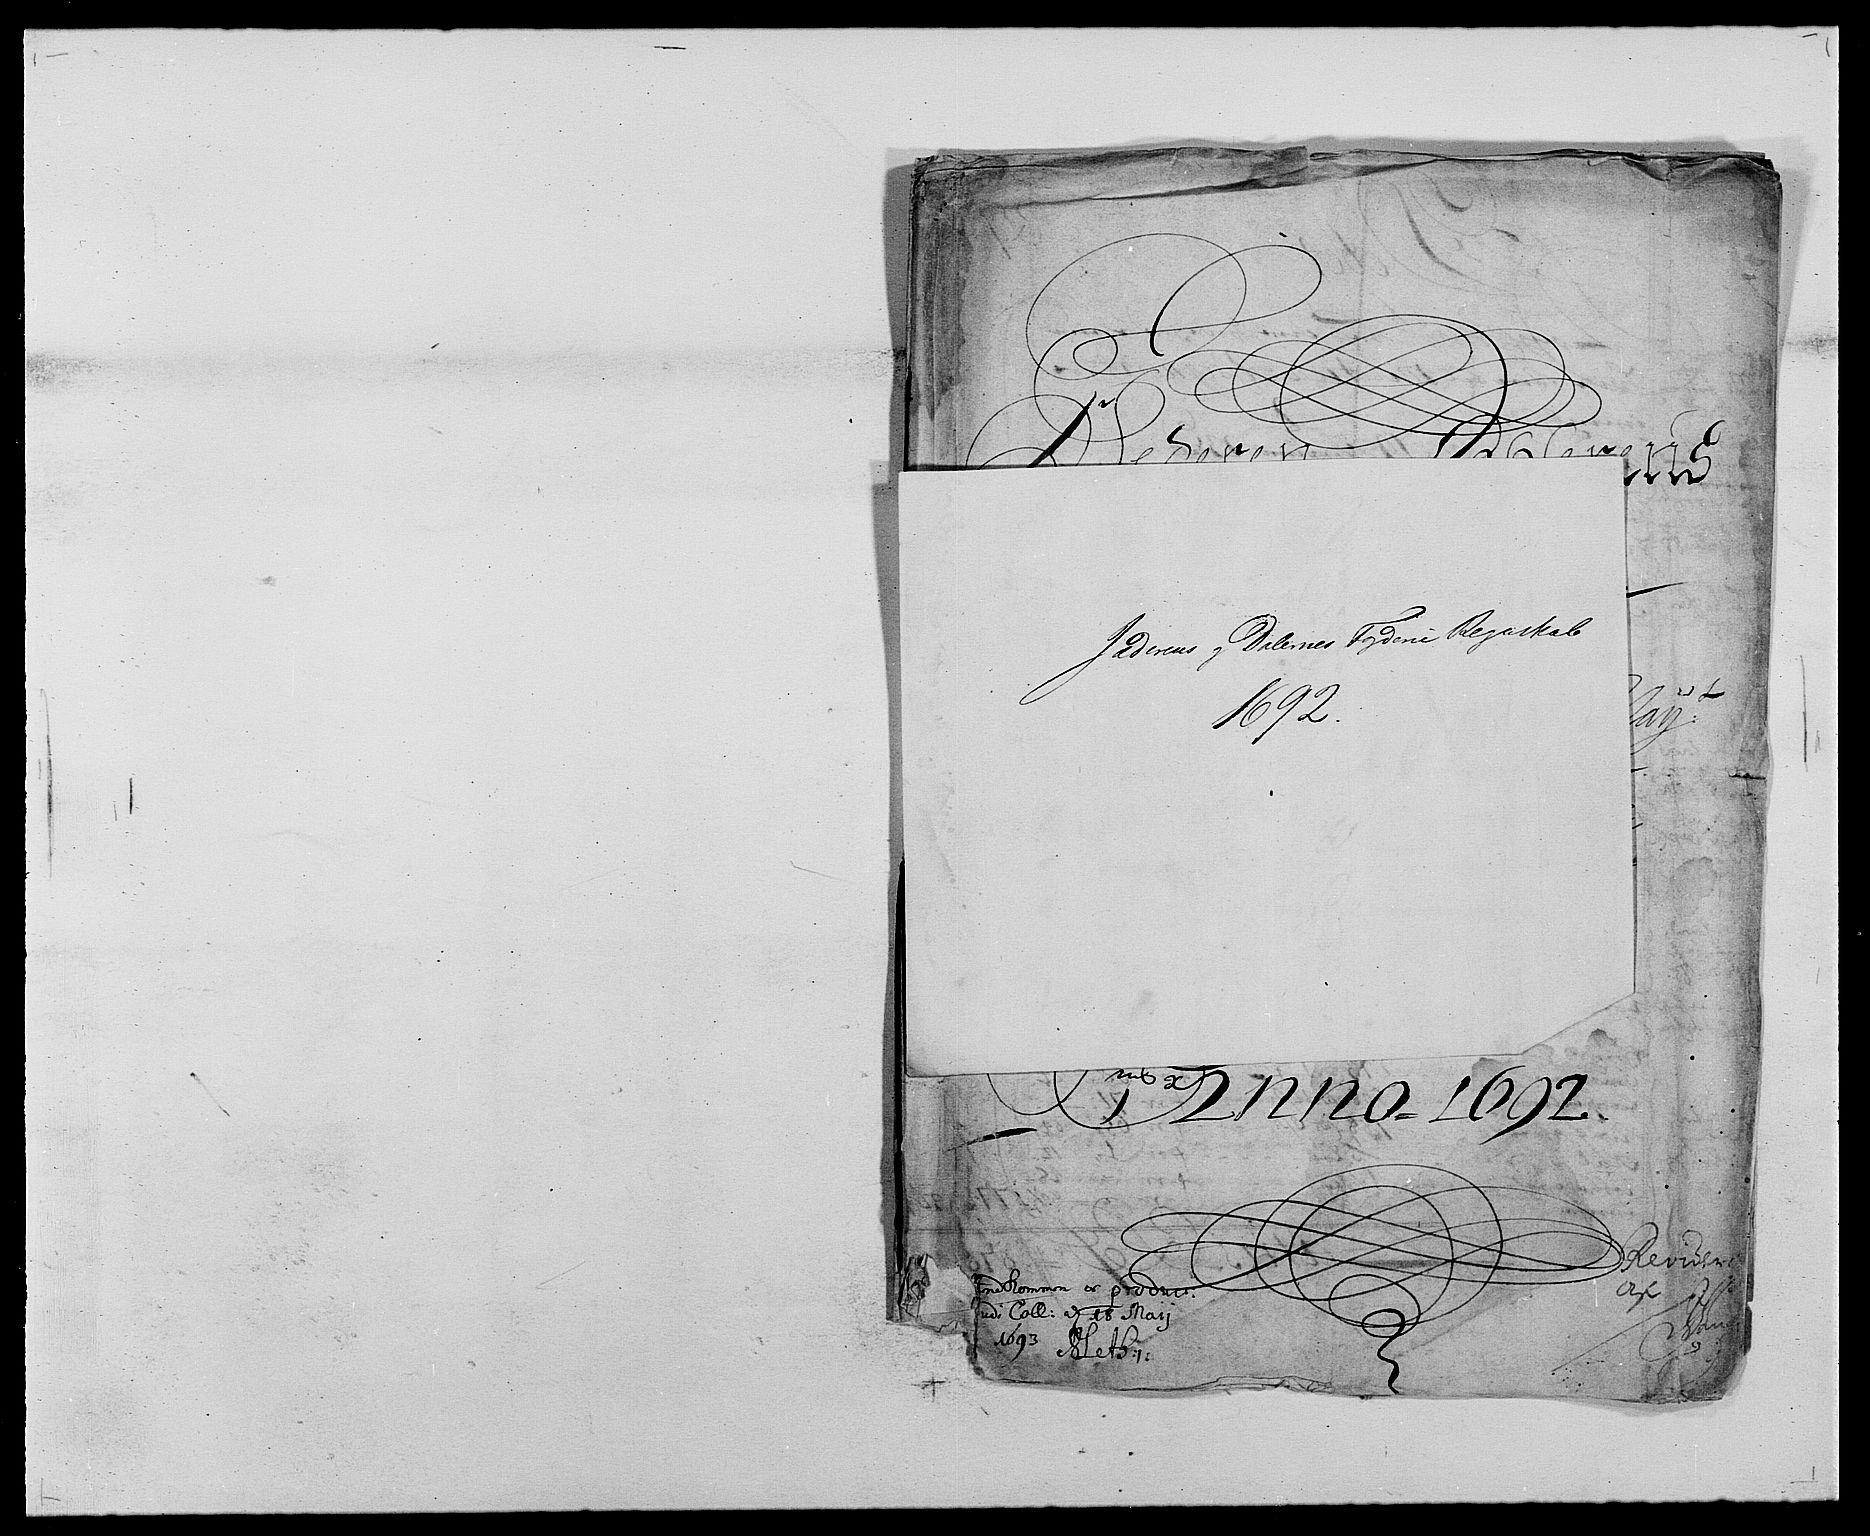 RA, Rentekammeret inntil 1814, Reviderte regnskaper, Fogderegnskap, R46/L2727: Fogderegnskap Jæren og Dalane, 1690-1693, s. 167